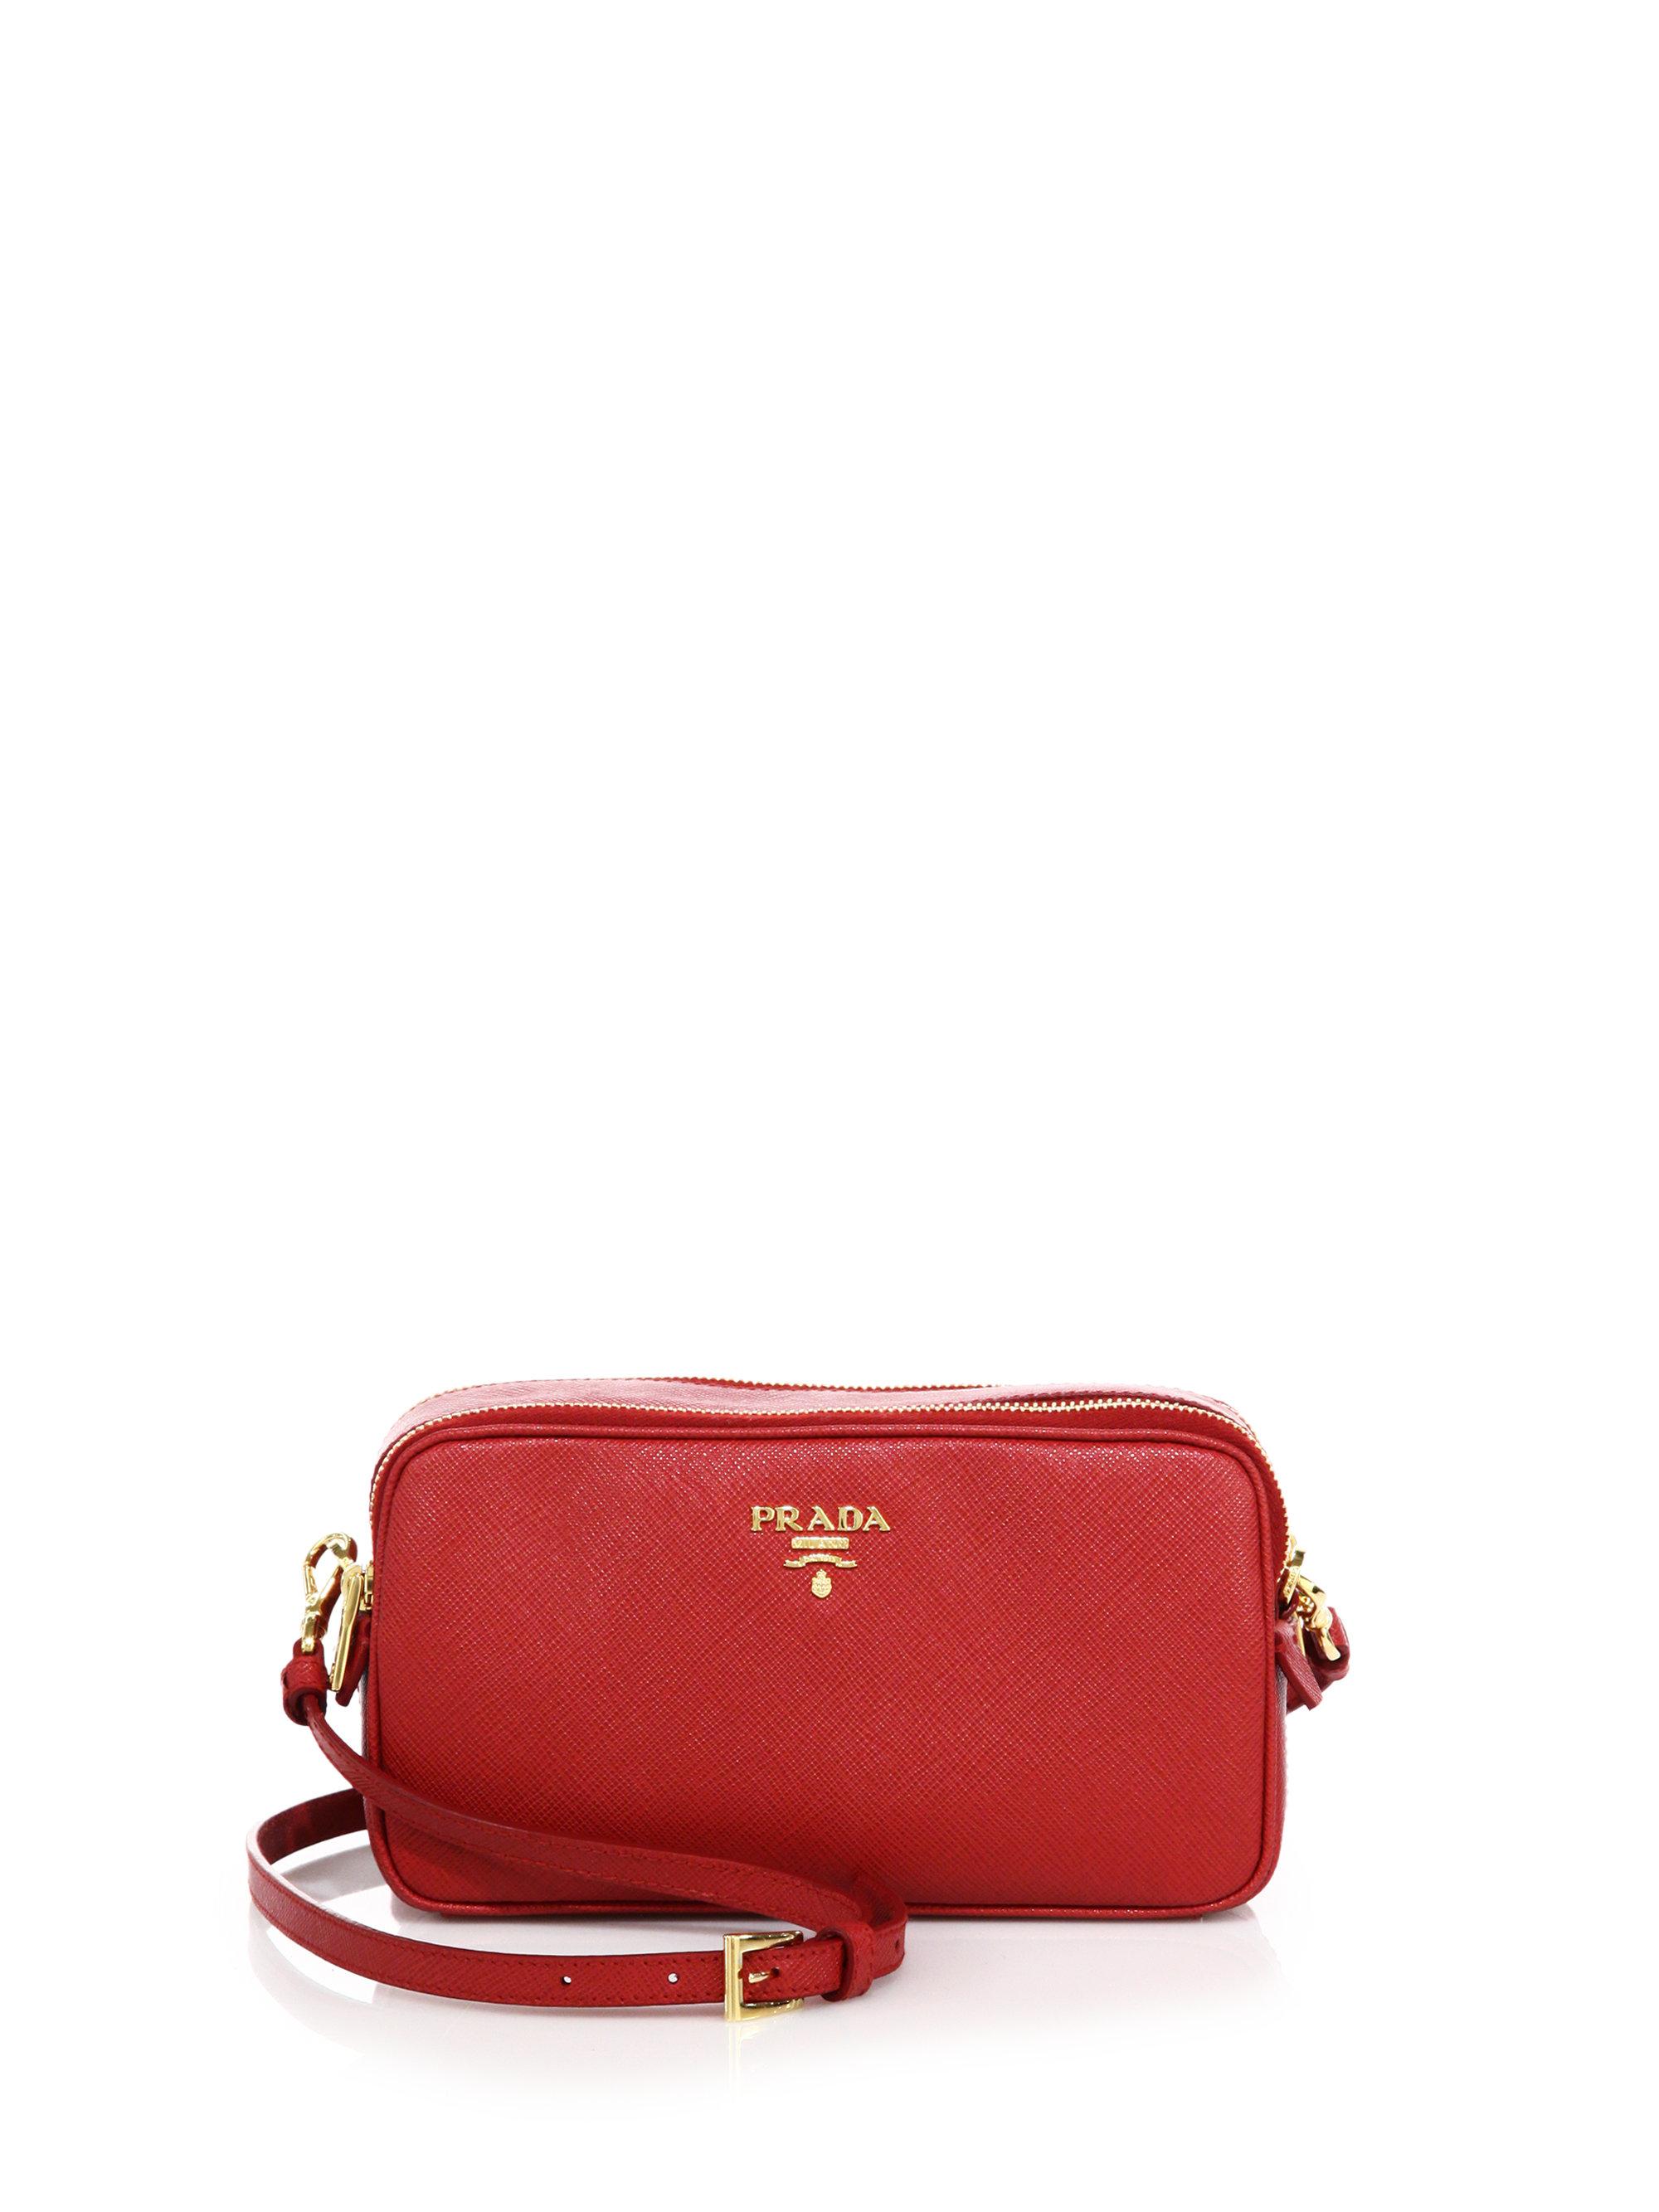 Prada Saffiano Leather Camera Bag in Red (fuoco) | Lyst